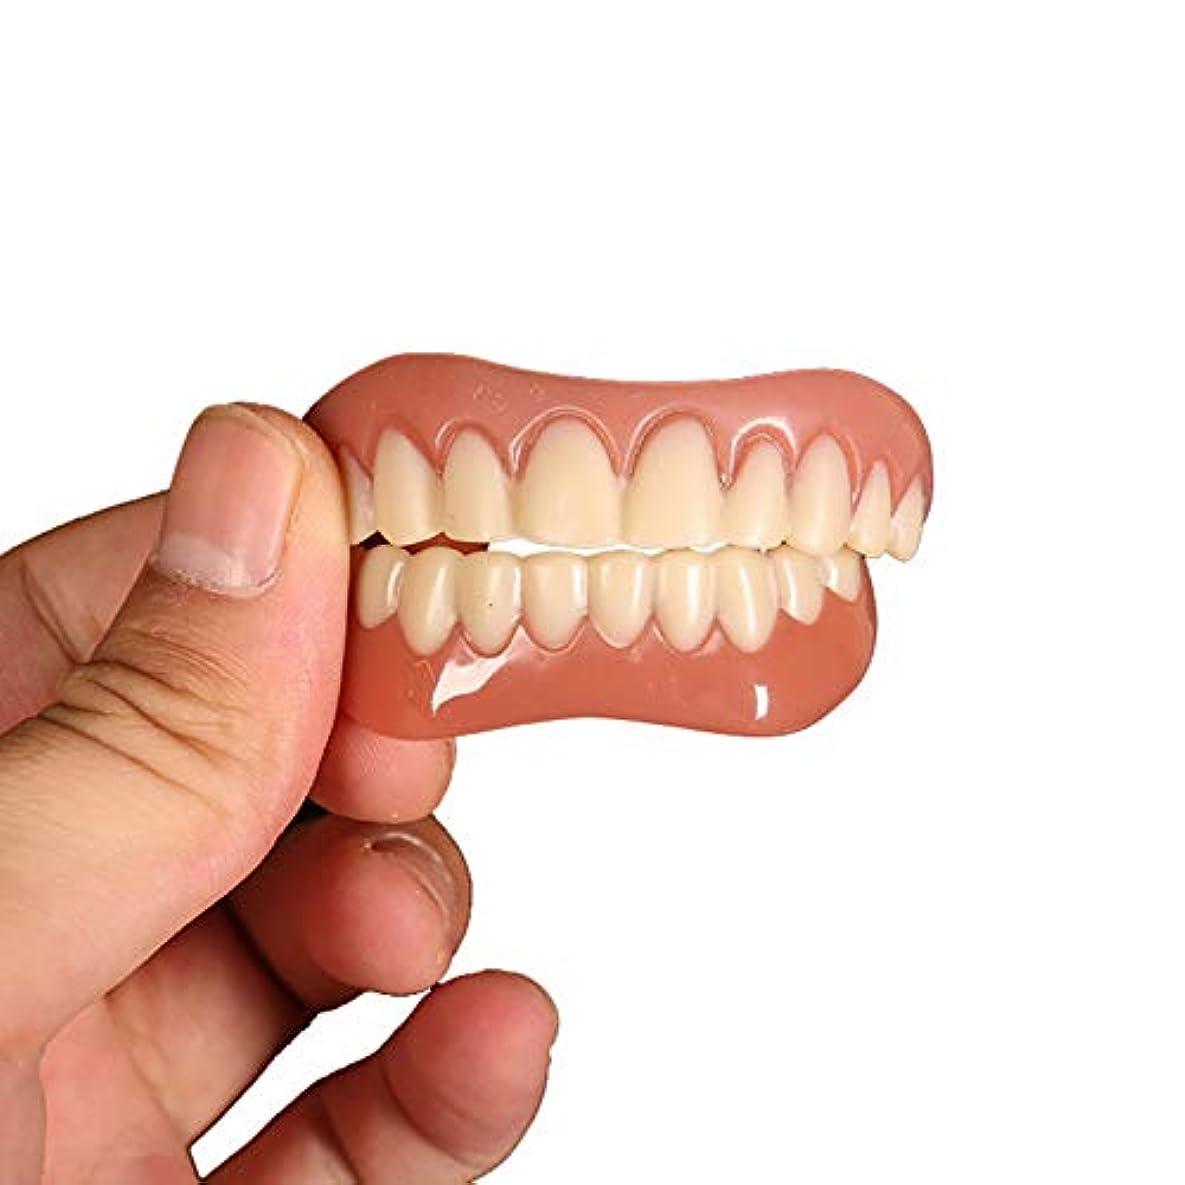 類人猿乱雑な試用2対歯科用ベニア快適なフィット歯のトップとボトム化粧品のベニヤワンサイズフィットすべての義歯接着剤歯偽義歯歯笑顔